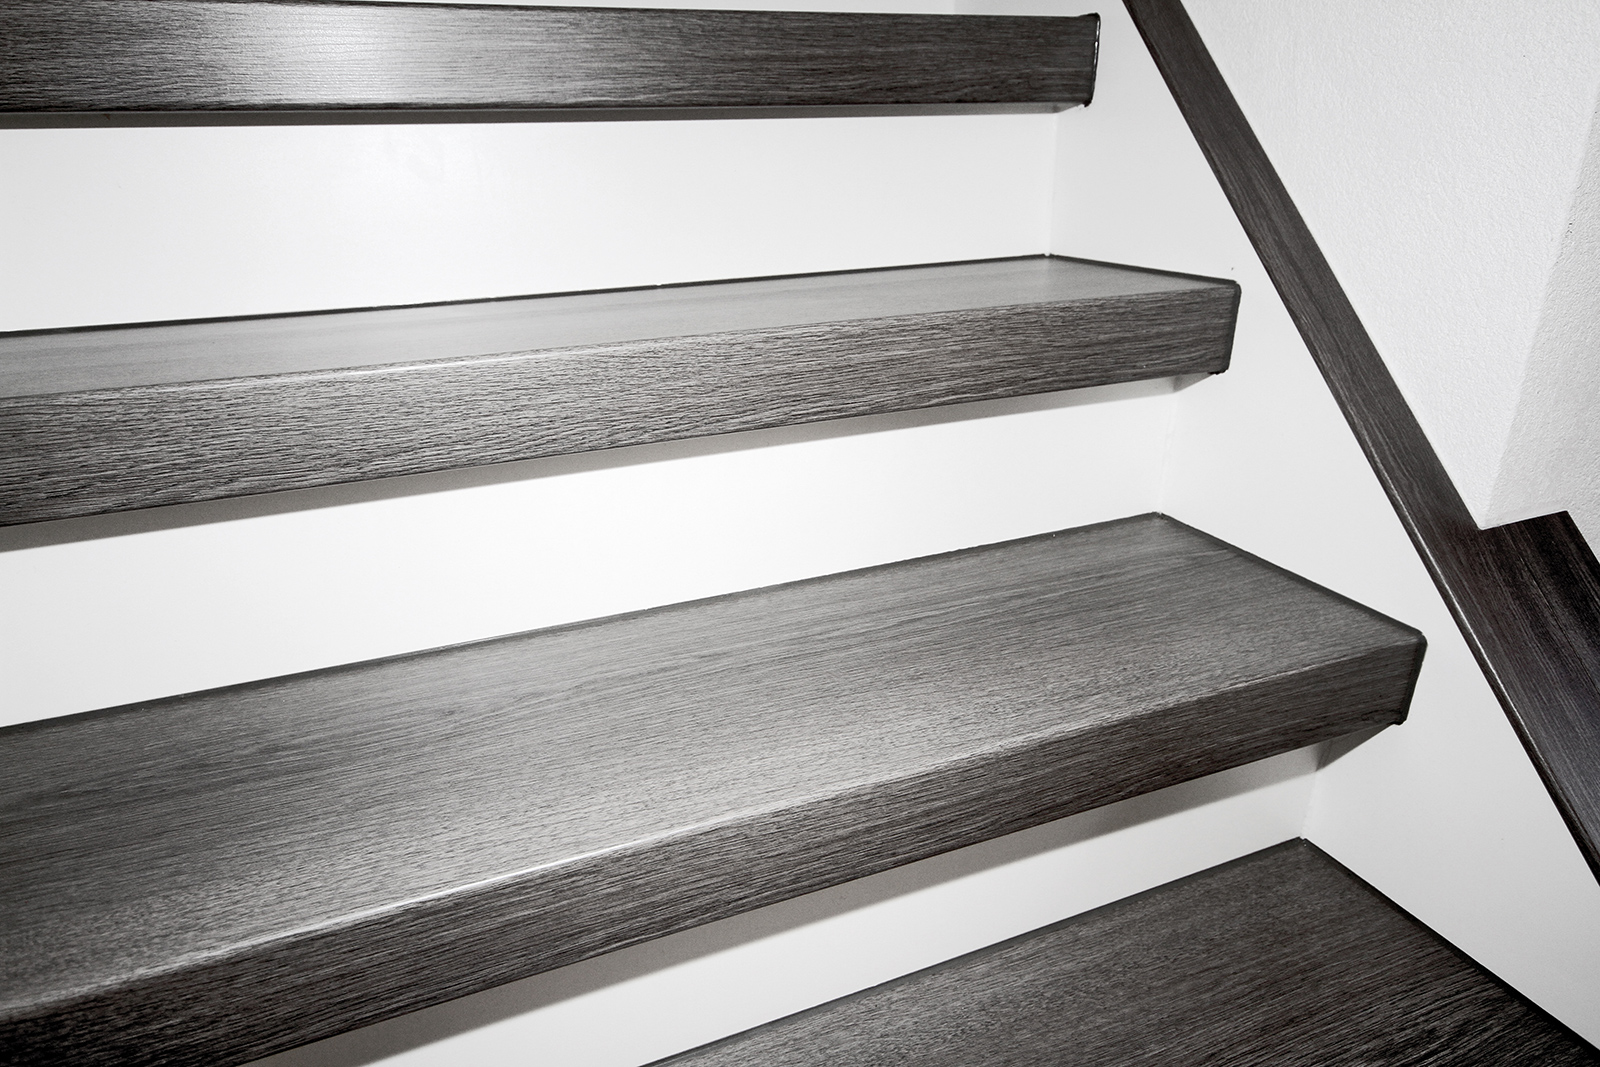 Treppengeländer Welches Holz ~ Dresden Treppenstufen mit weißem Stellbrett und Wangenverkleidung